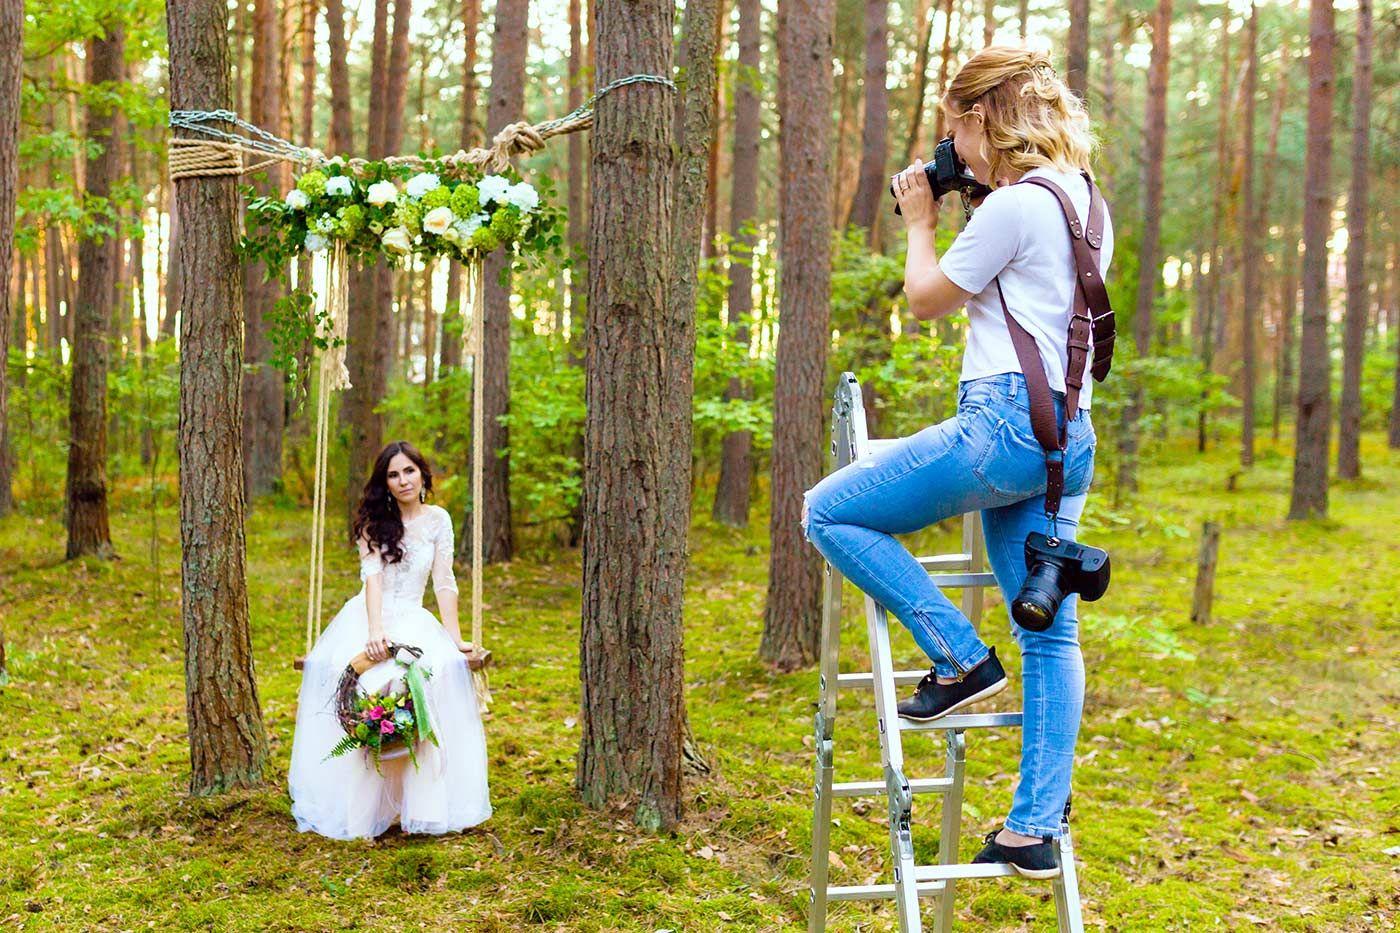 Von Klassisch Bis Modern Beliebte Hochzeitsbrauche Die In Erinnerung Bleiben Hochzeit Brauche Hochzeitsbrauche Hochzeit